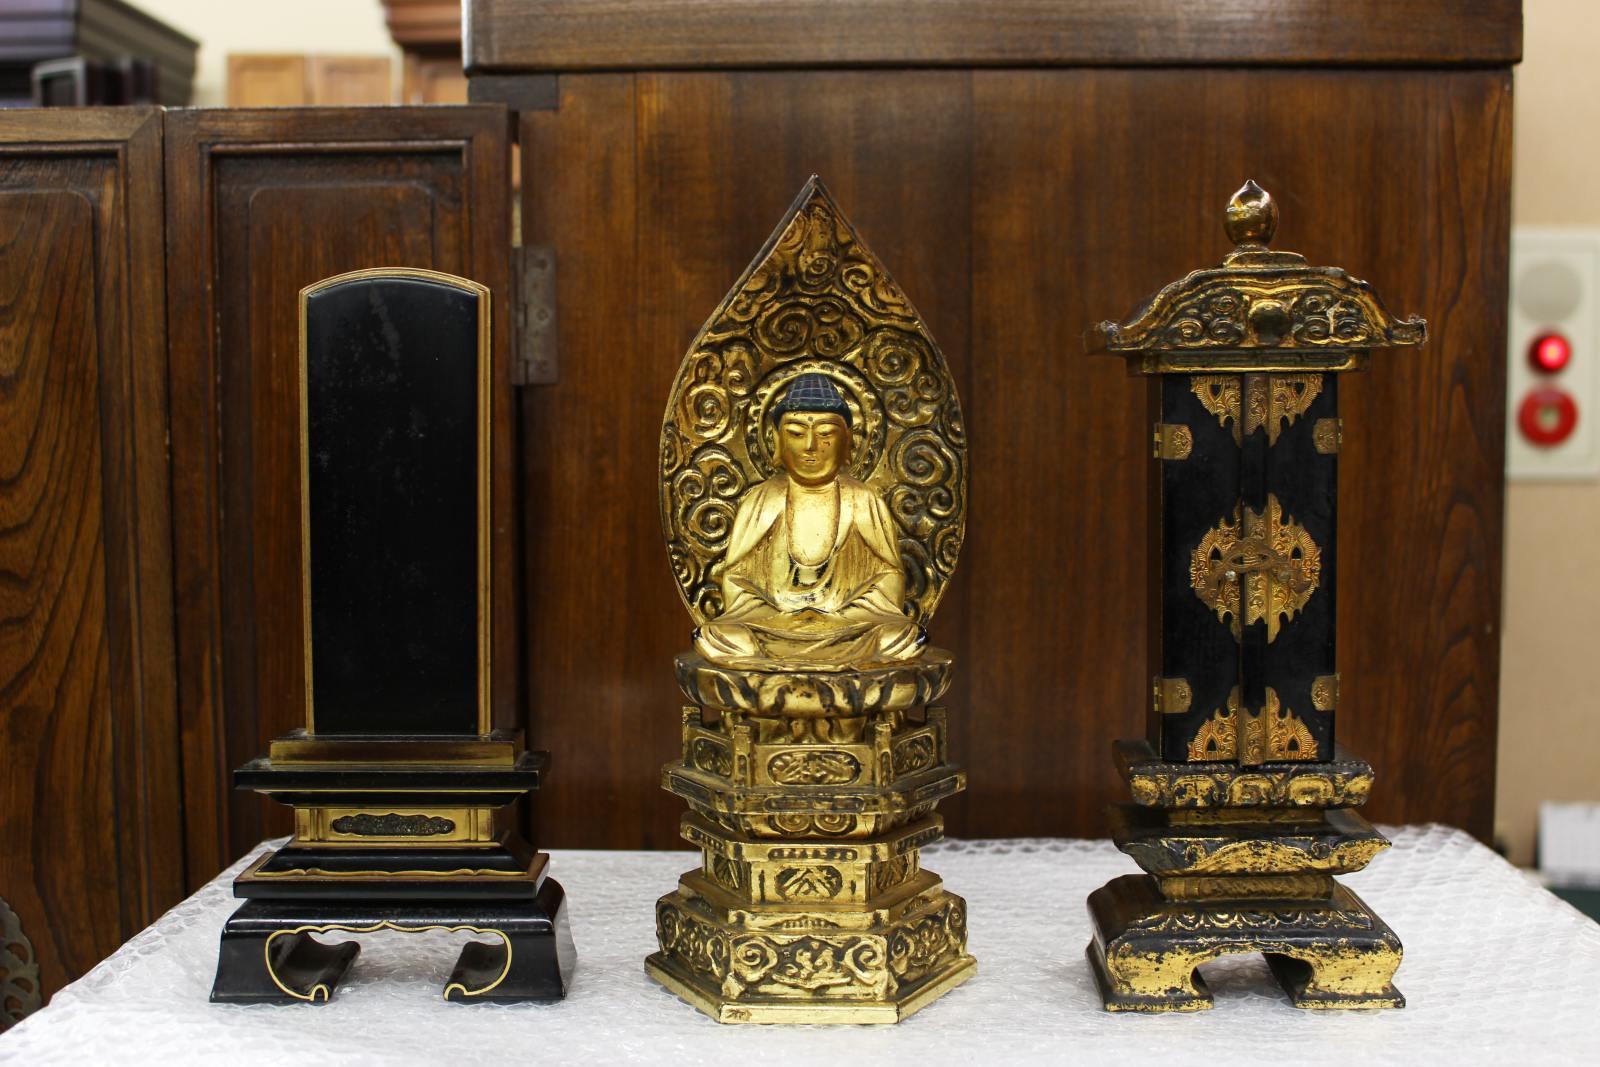 傷みと汚れが激しい本位牌、仏像